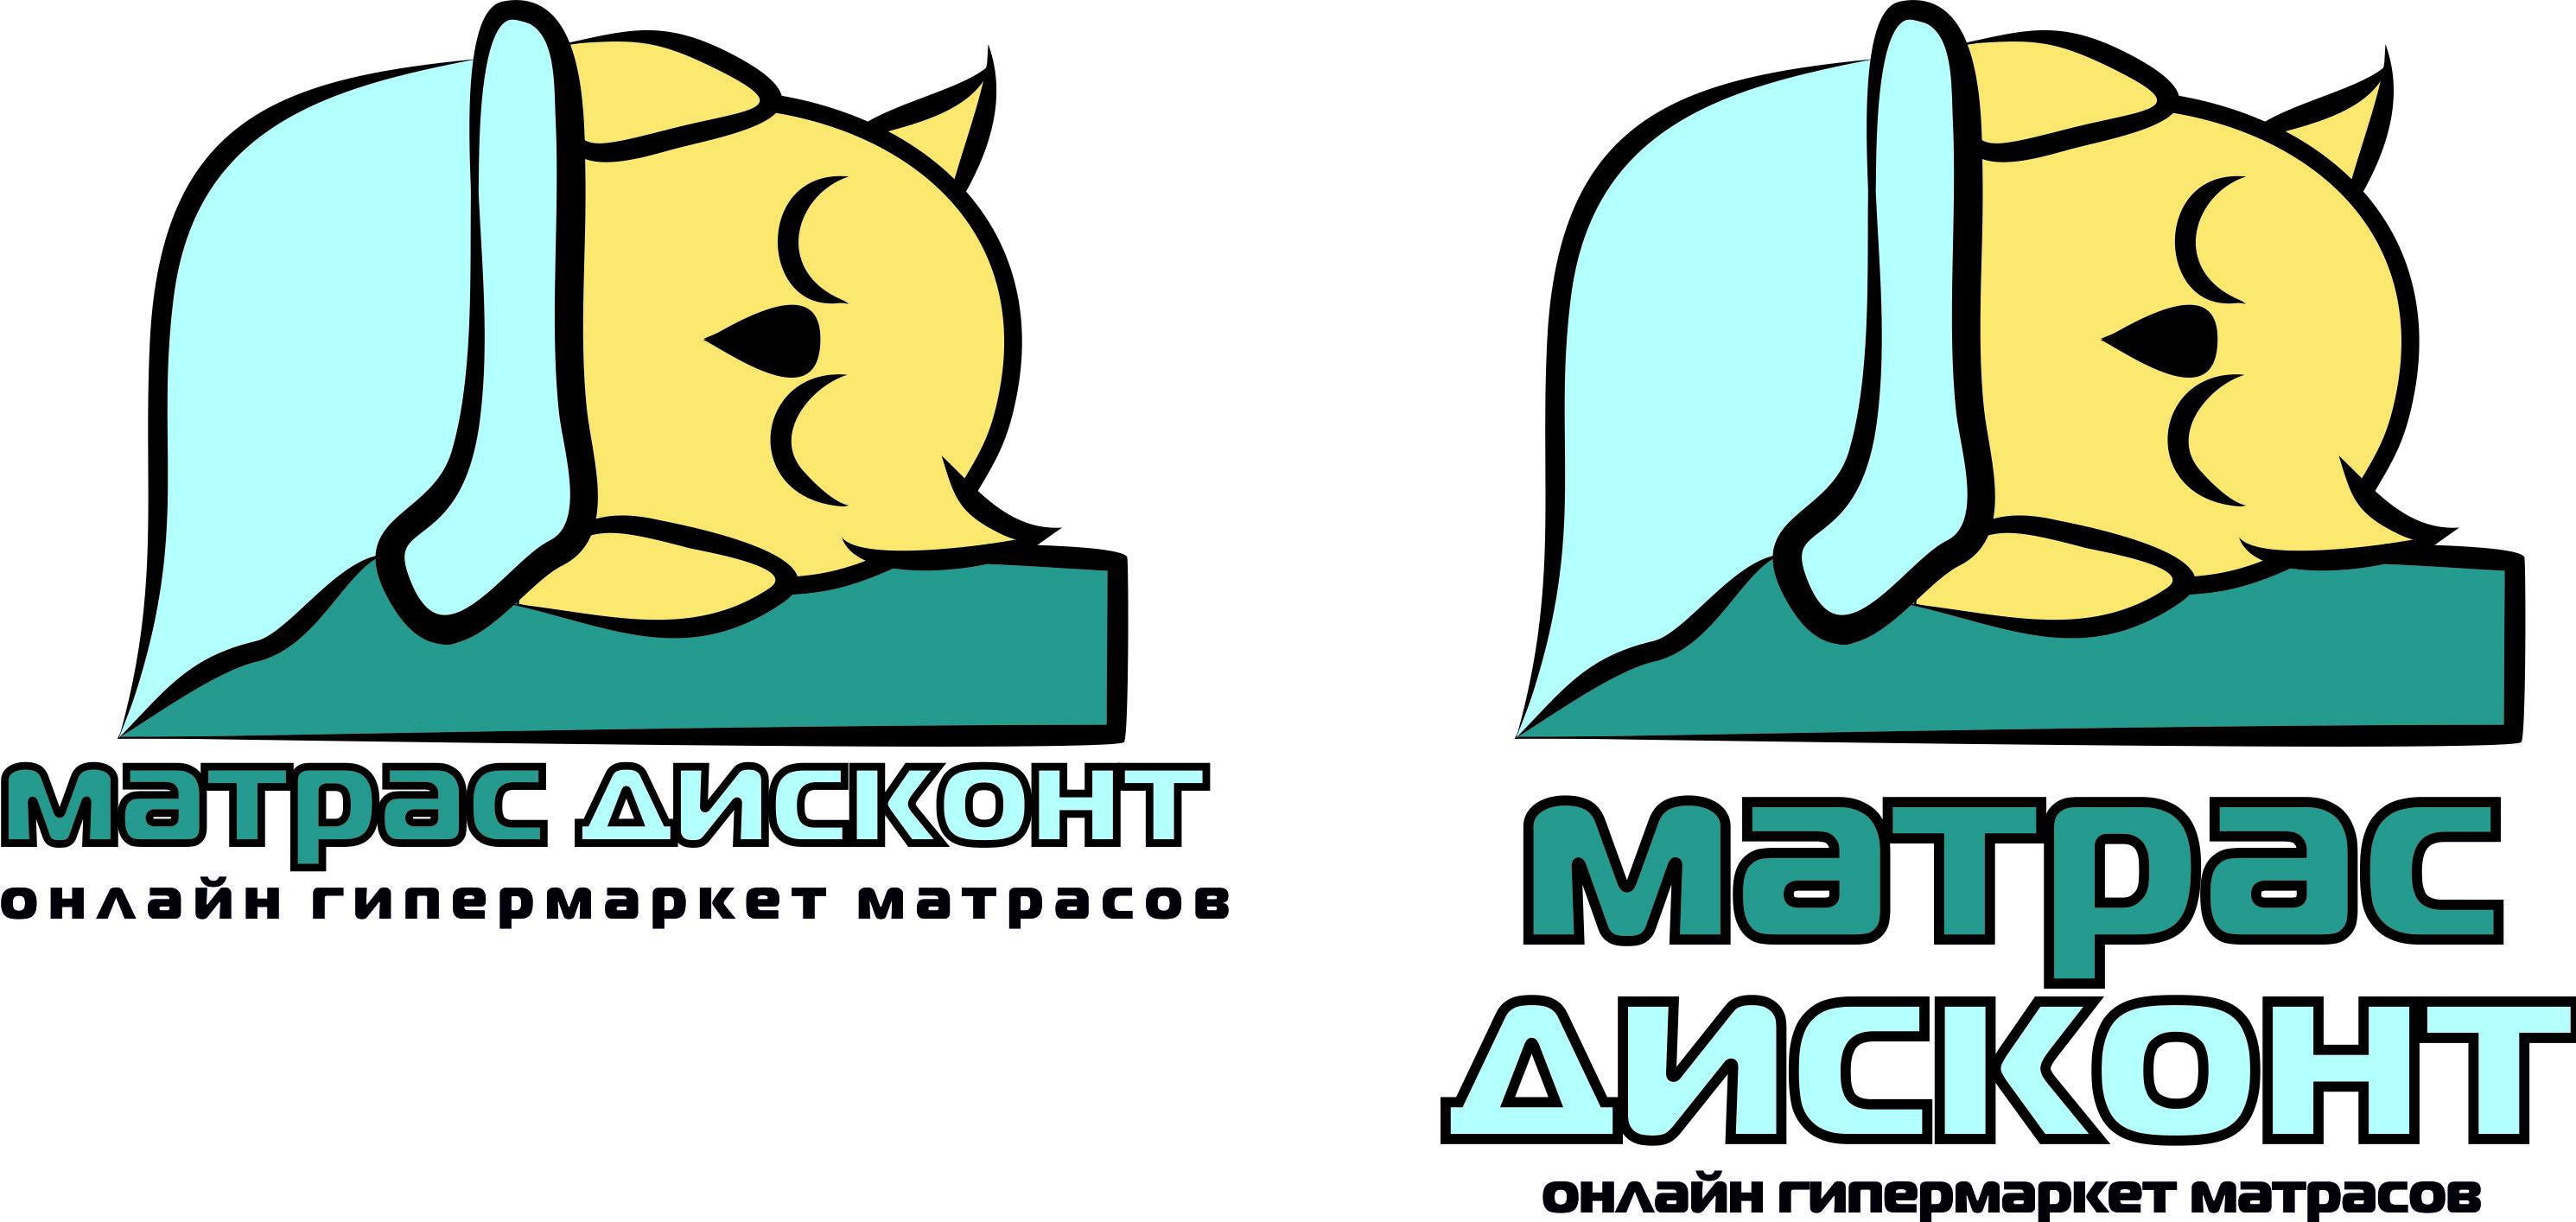 Логотип для ИМ матрасов фото f_1045c92884666f92.jpg